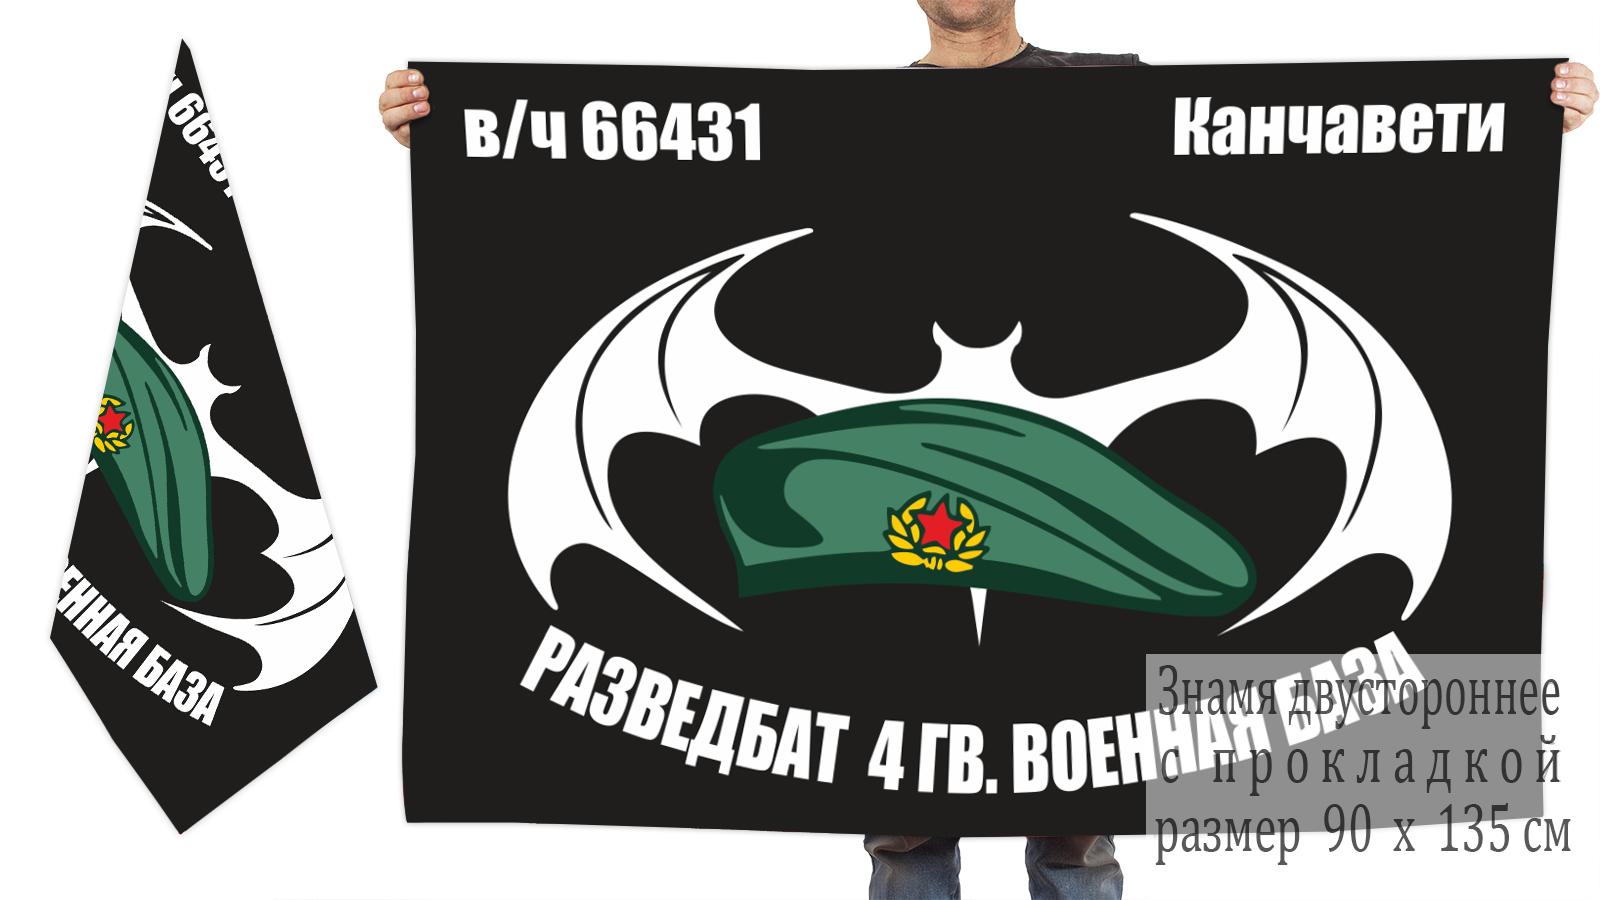 Большой флаг Разведбат 4 гв. Военная база, Канчавети